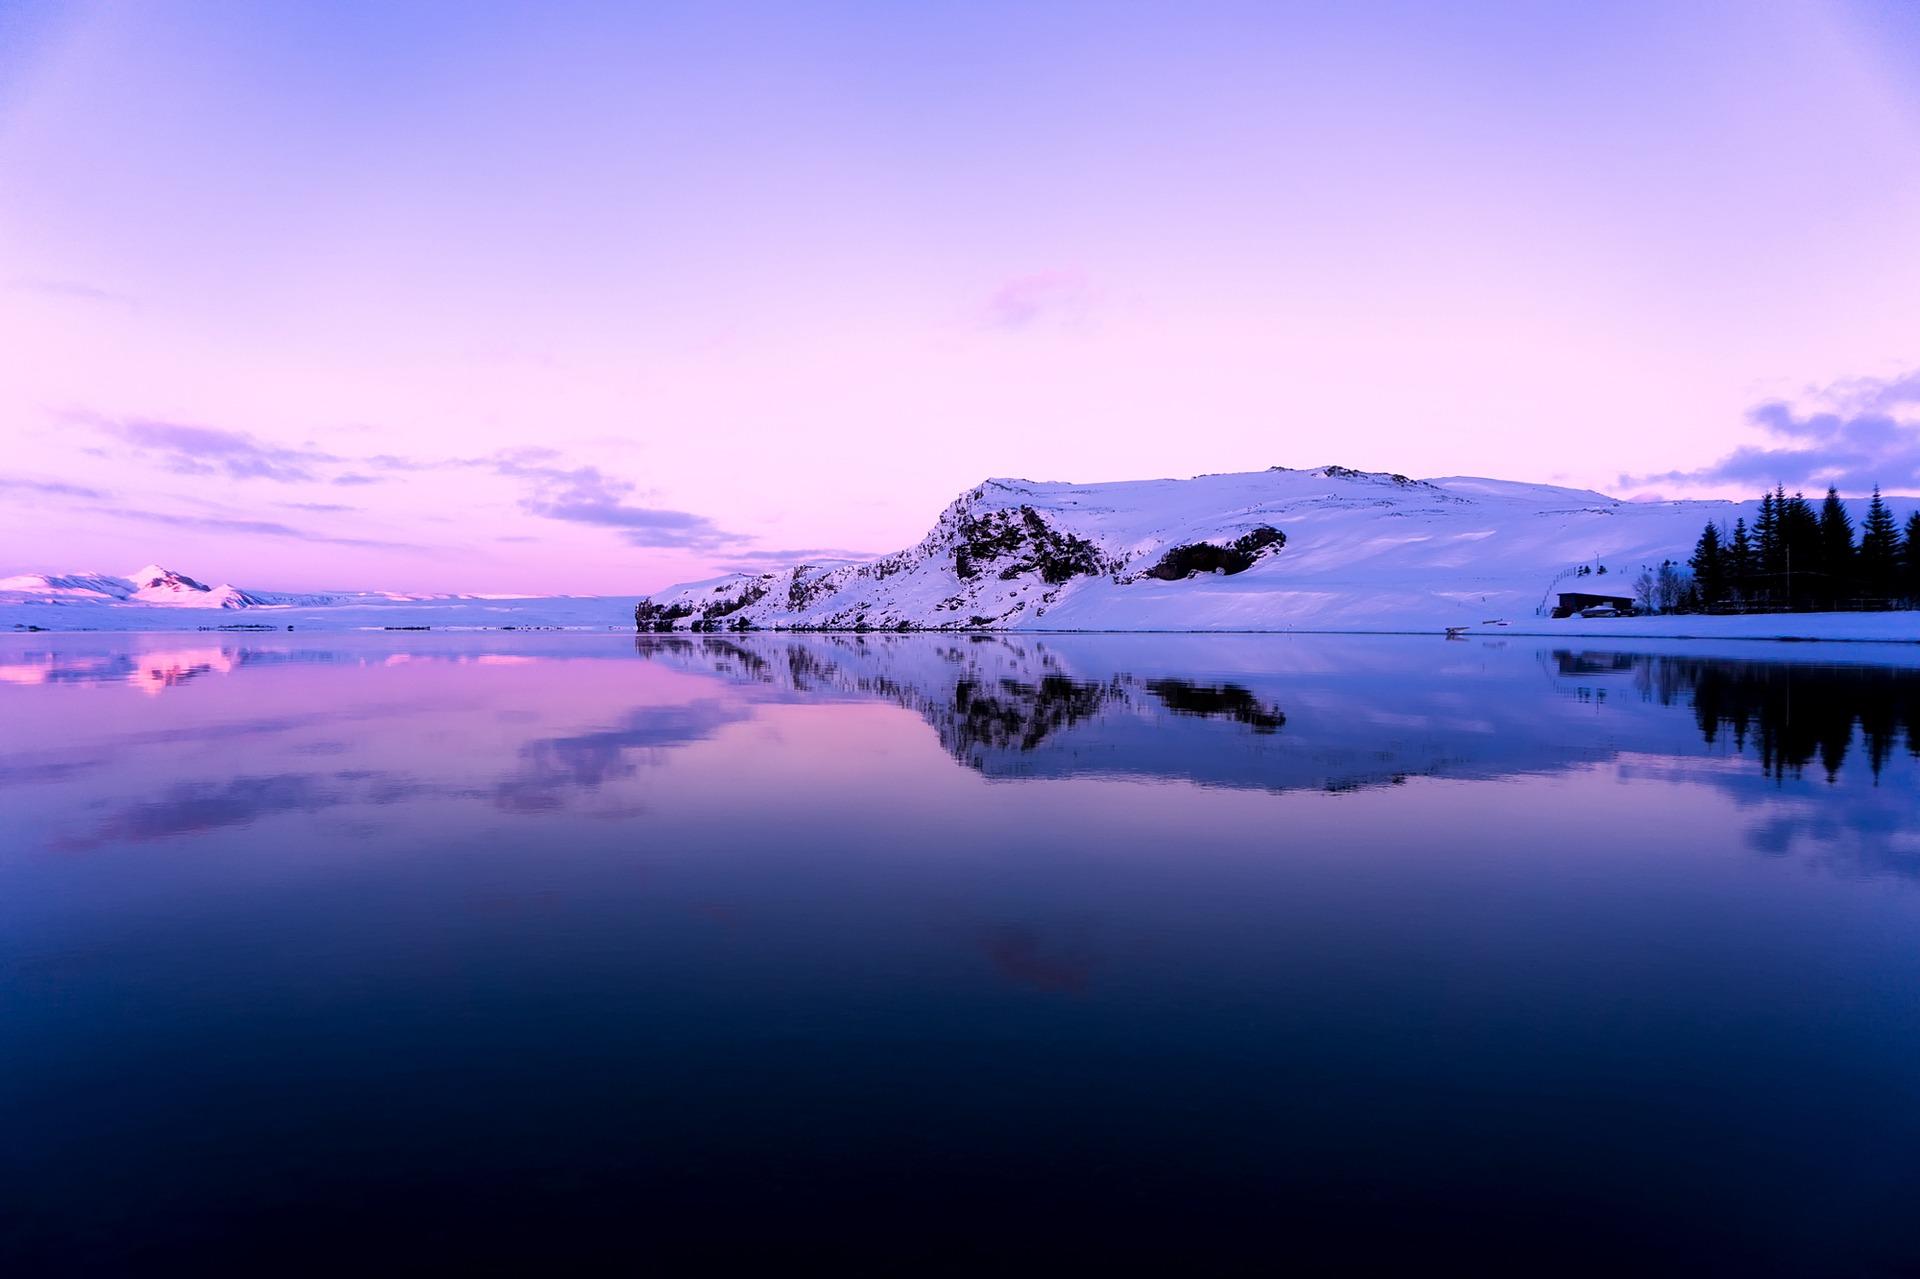 Groenlandia  - Spedizione Aurora